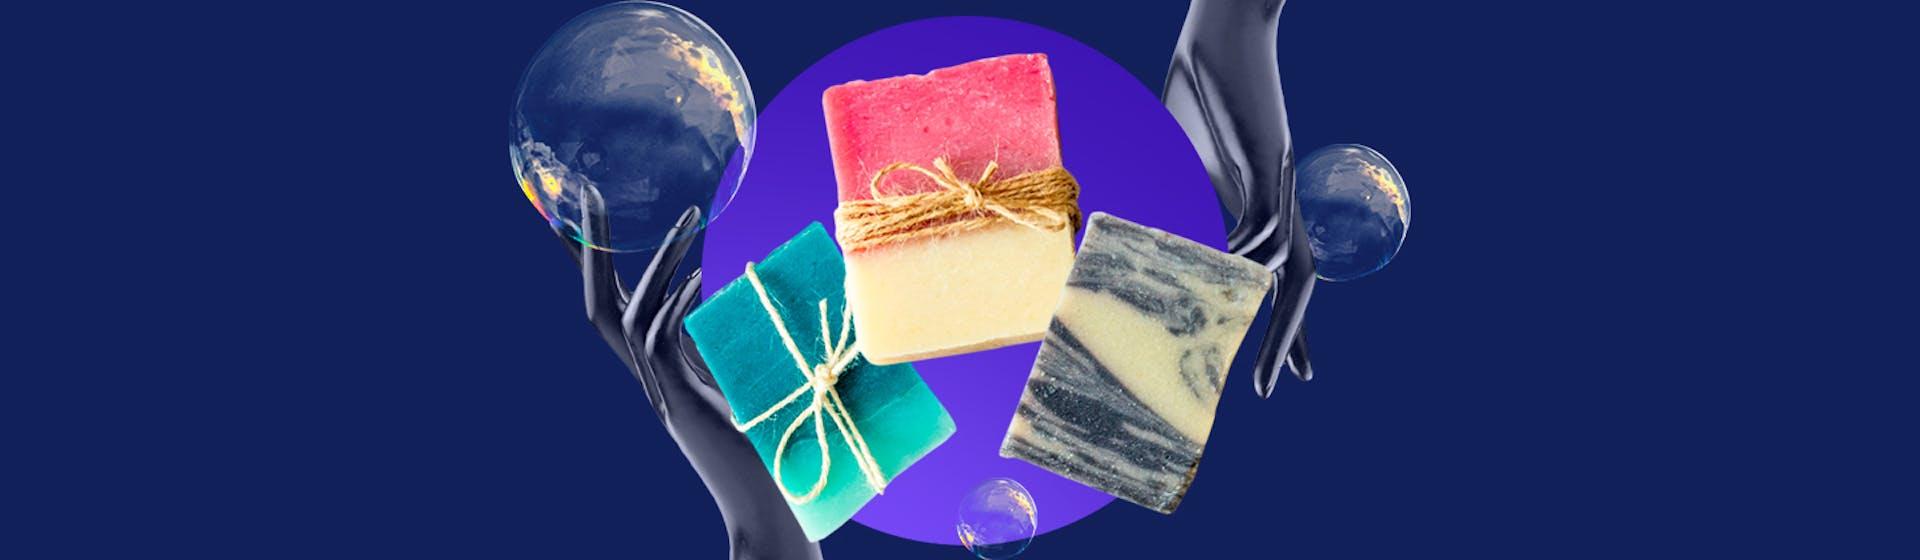 6 tipos de jabones artesanales que le devolverán a tu piel su suavidad